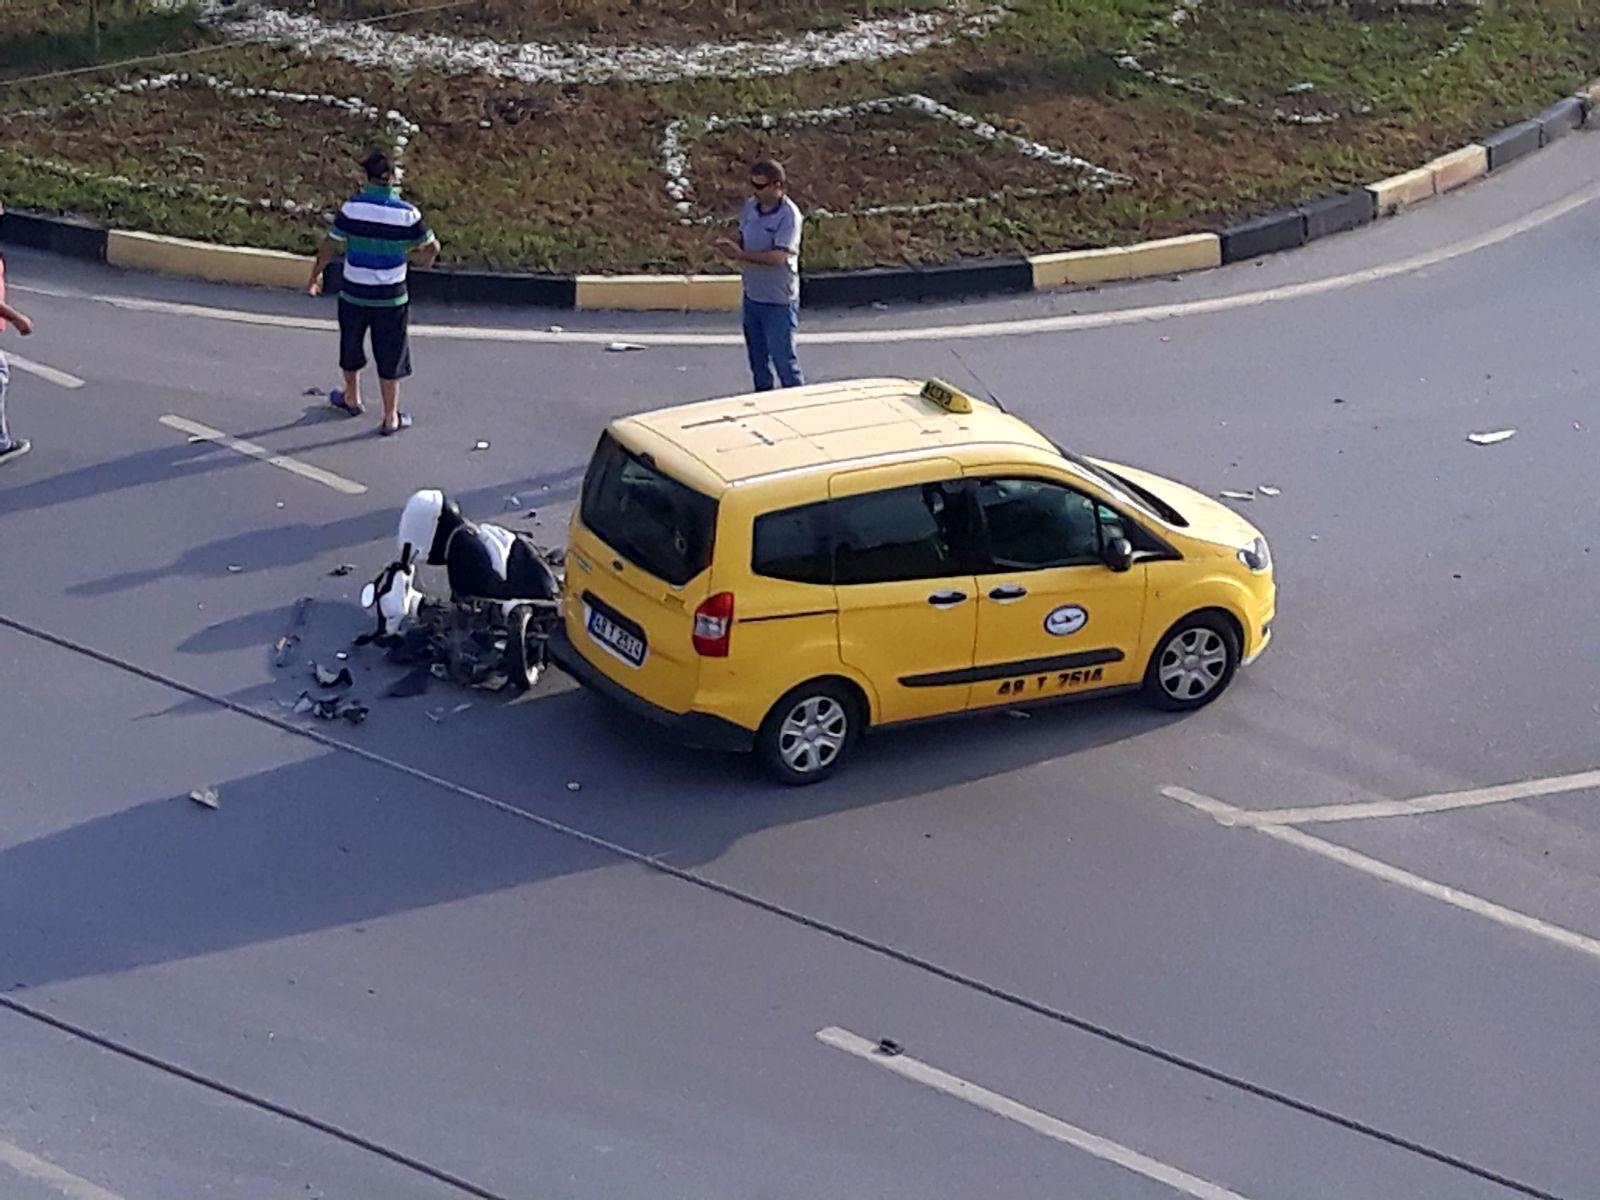 4d61400b 7c6c 4584 ab52 2eafb1d6d5f8 - Dalaman'da trafik kazası, 1 kişi ağır yaralı